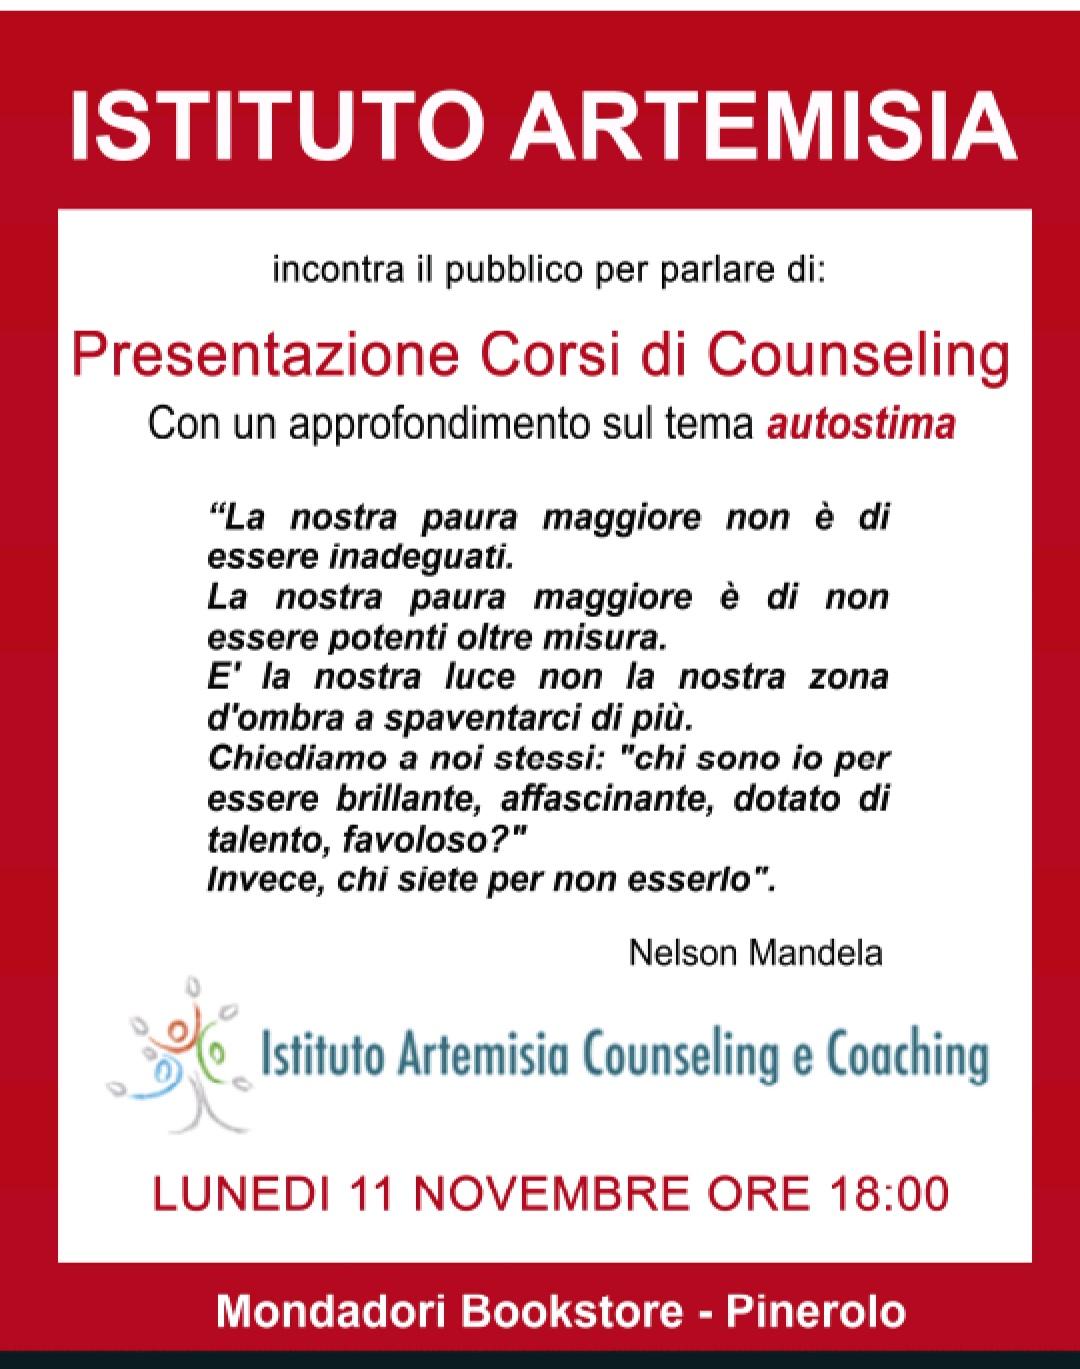 Presentazione corso in Counseling Relazionale e conferenza sull'Autostima